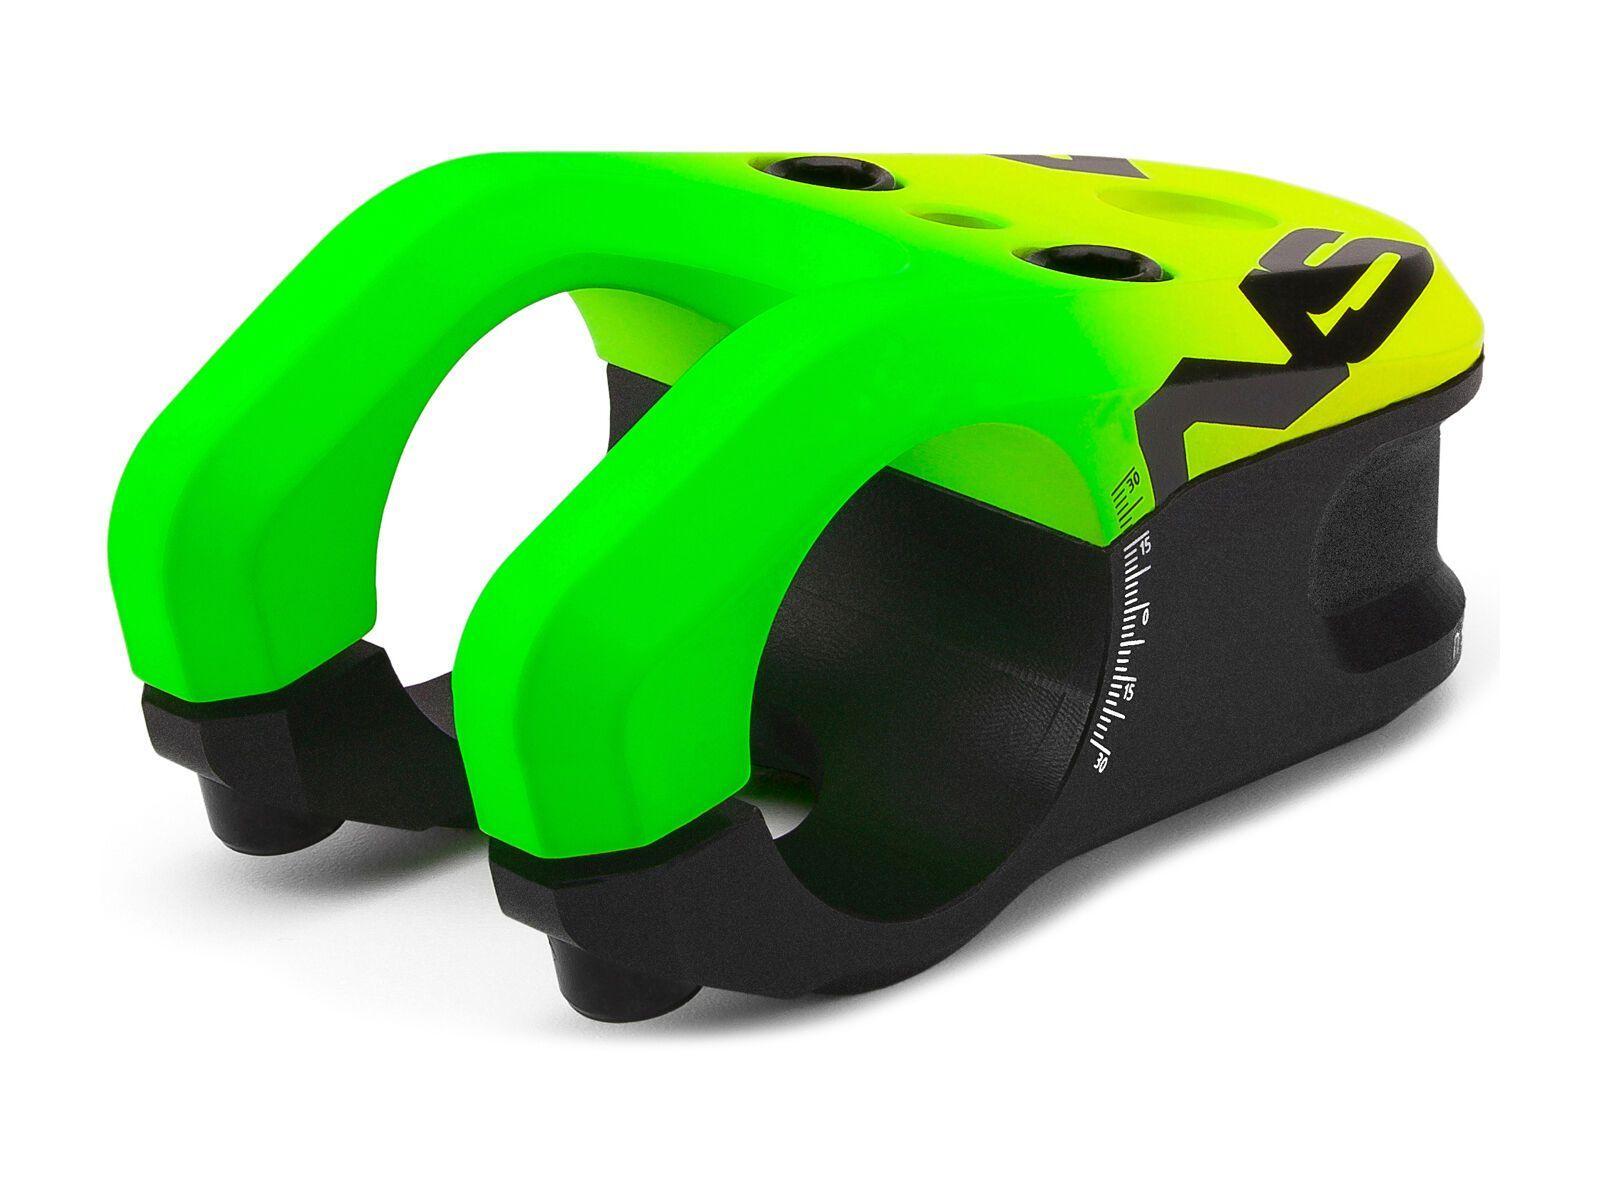 NS Bikes Magneto Stem, lemon lime - Vorbau, Größe 47 mm NS-STM-0002-31-8-604-lemon-lime